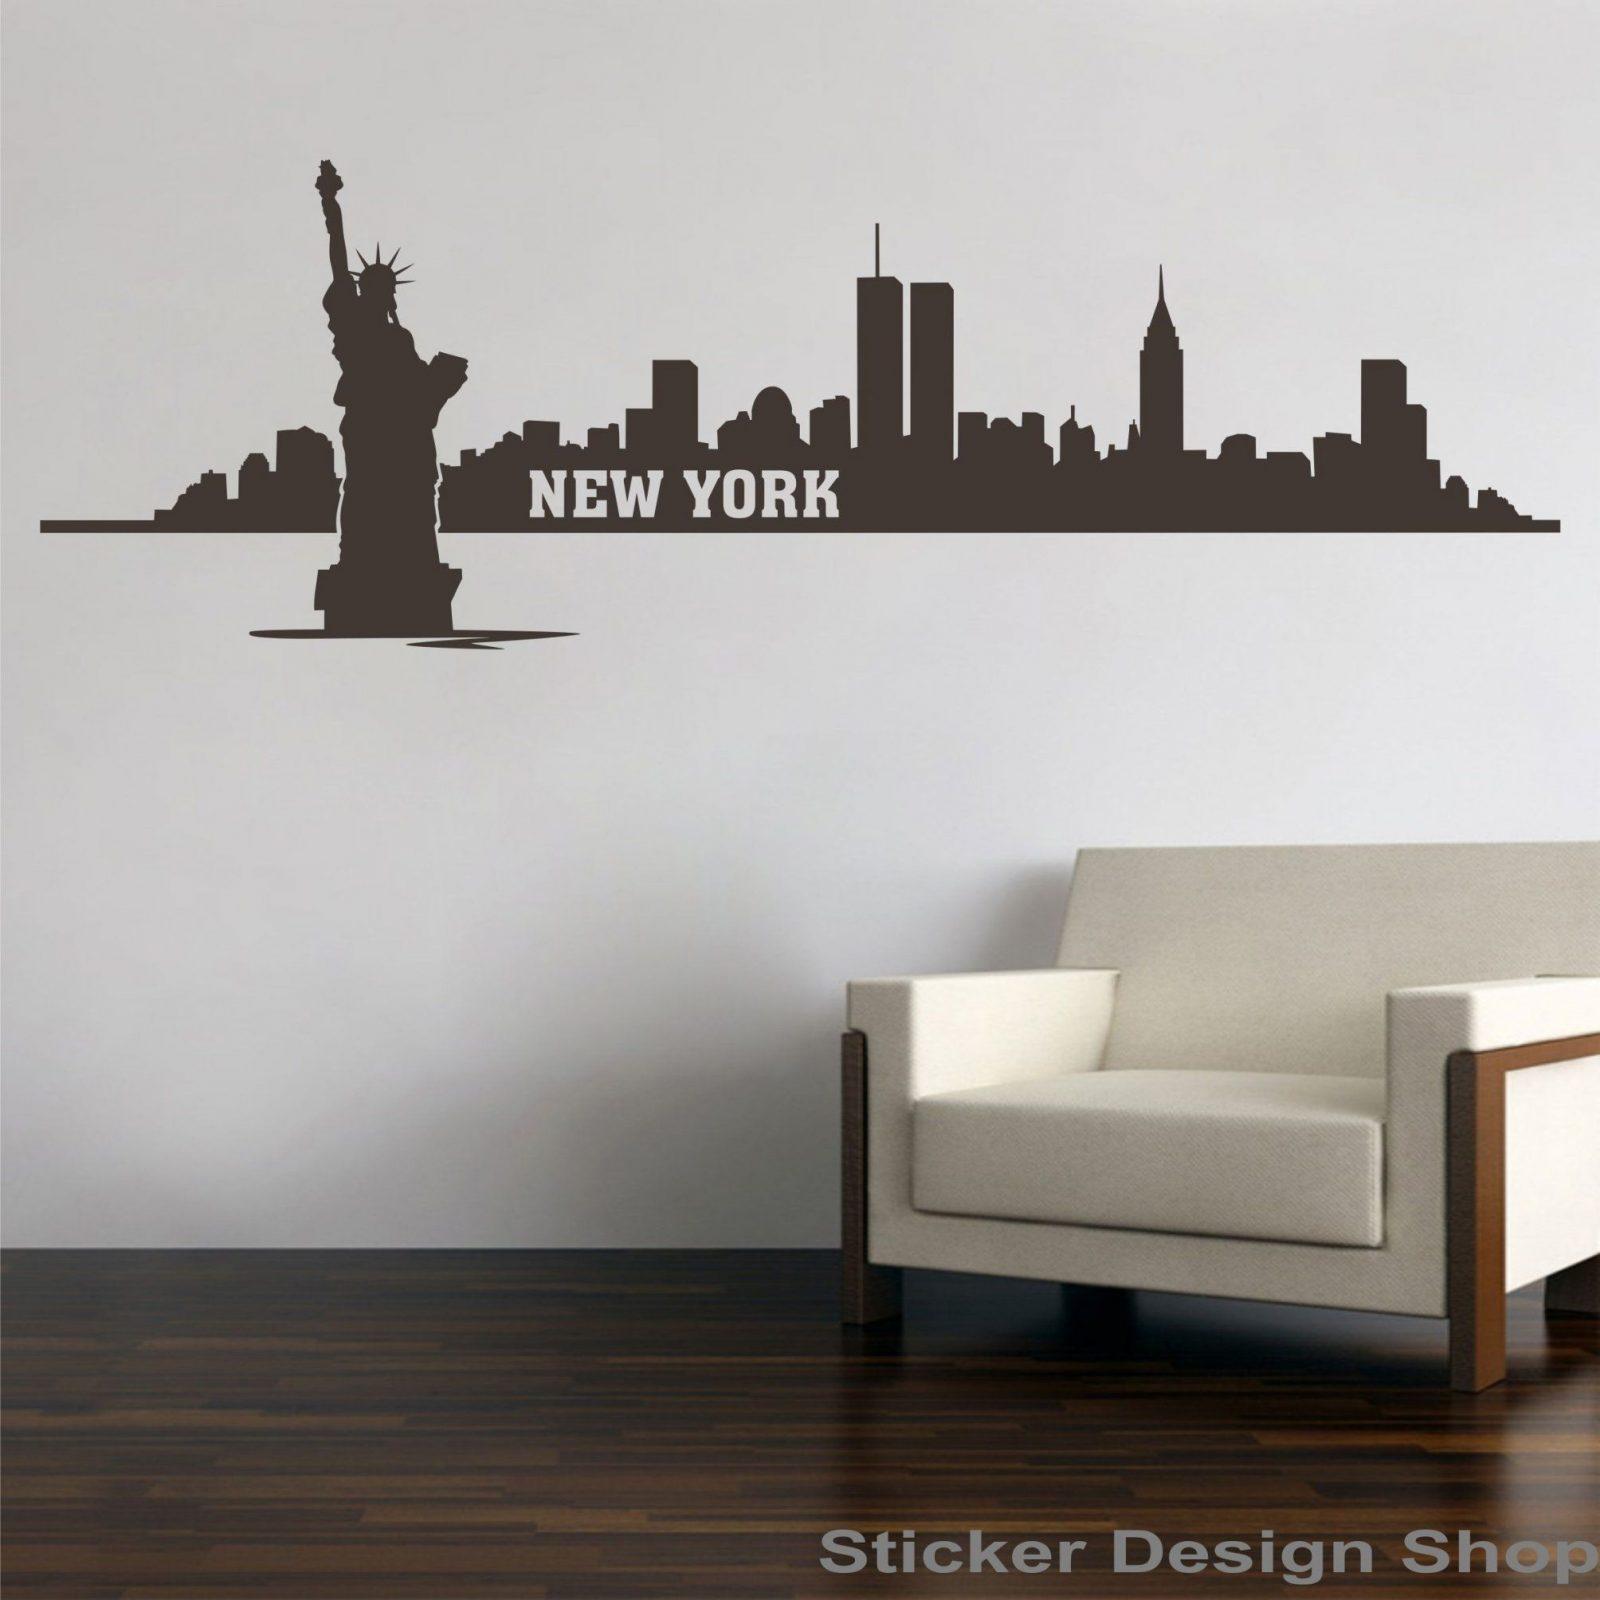 Sticker Design Shop  New York City Skyline Freiheitsstatue von Wandtattoo New York City Photo